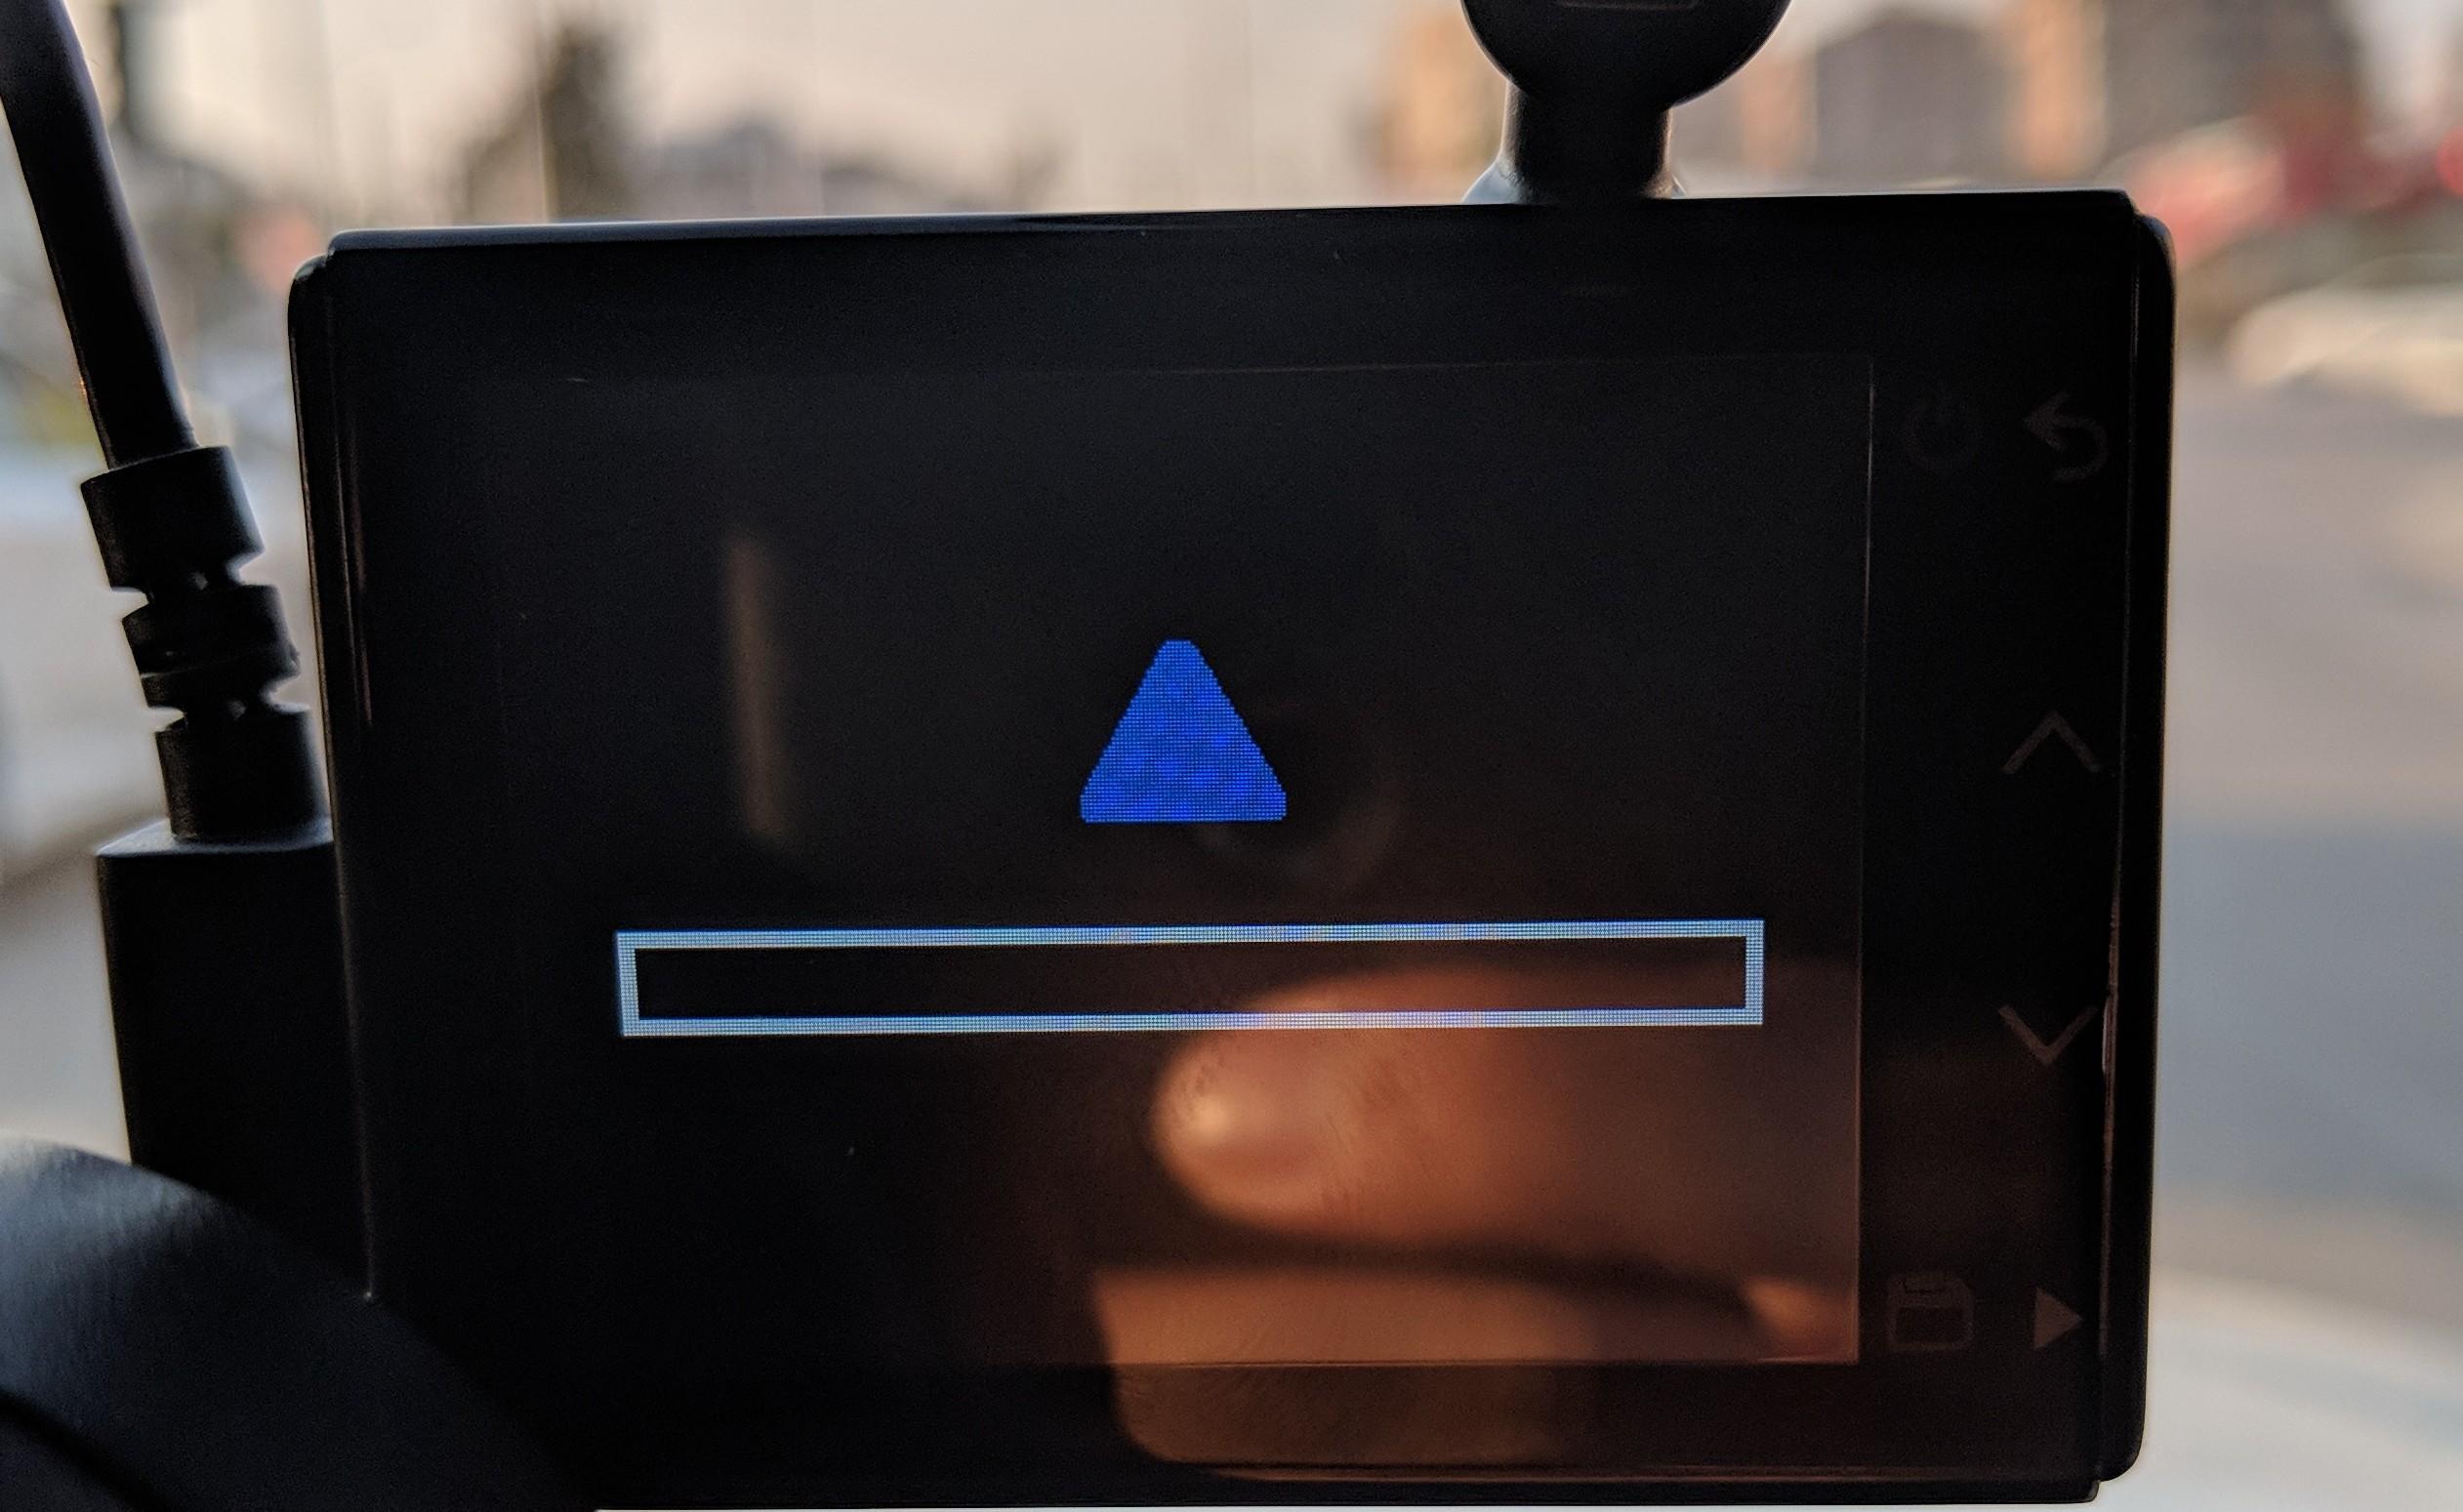 Garmin Dash Cam 55 Stuck after Update - Garmin Express